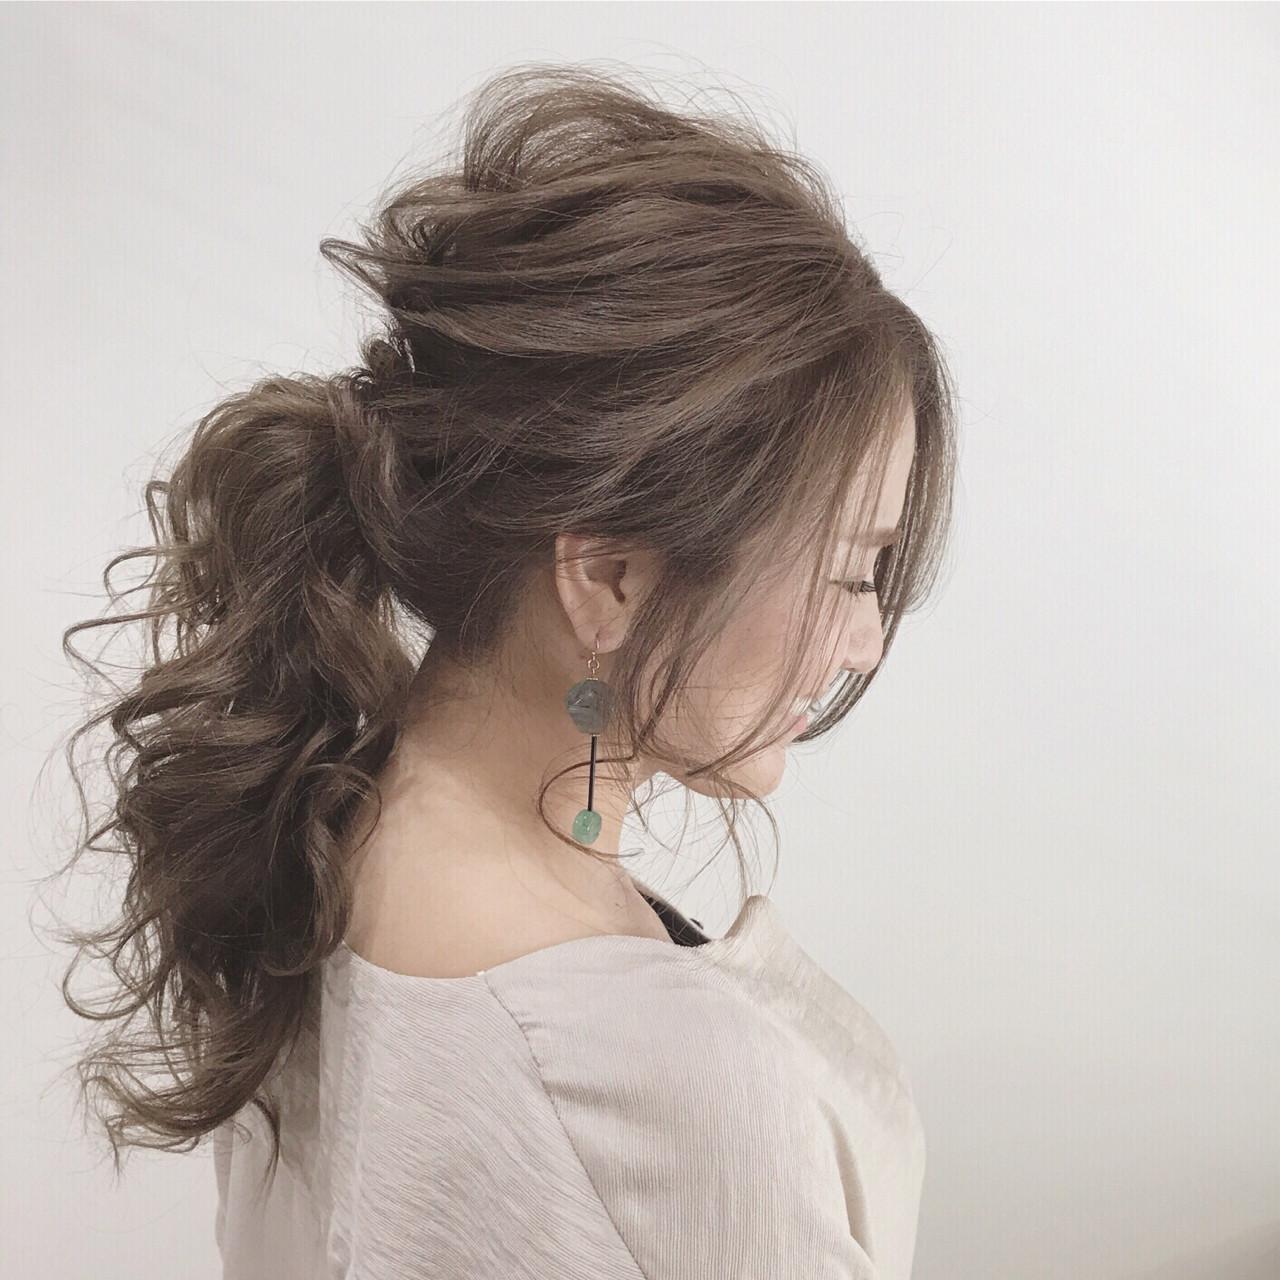 外国人風 上品 エレガント 秋 ヘアスタイルや髪型の写真・画像 | SHOTA / cherir